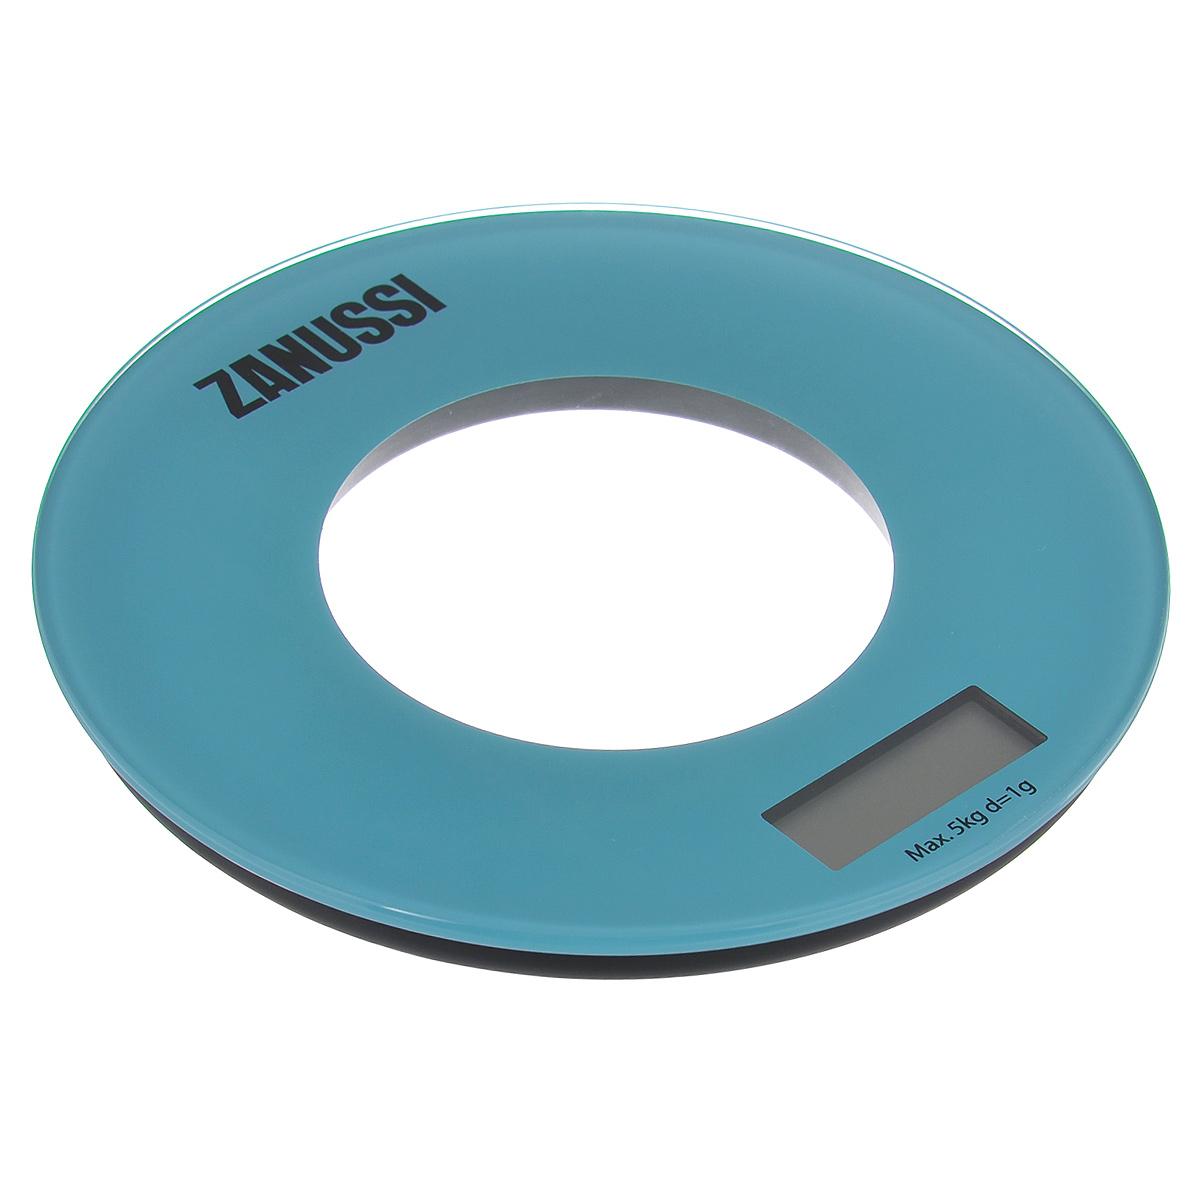 Кухонные весы Bologna, голубойZSE21221FFЭлектронные кухонные весы Zanussi Bologna придутся по душе каждой хозяйке и станут незаменимым аксессуаром на кухне. Ультратонкий корпус весов выполнен из пластика с цифровым ЖК-дисплеем. Весы выдерживают до 5 килограмм и оснащены высокоточной сенсорной измерительной системой. Имеется индикатор низкого заряда батареи. С помощью таких электронных весов можно точно контролировать пропорции ингредиентов. УВАЖАЕМЫЕ КЛИЕНТЫ! Обращаем ваше внимание, что весы работают от одной литиевой батарейки CR2032 напряжением 3V (входит в комплект).